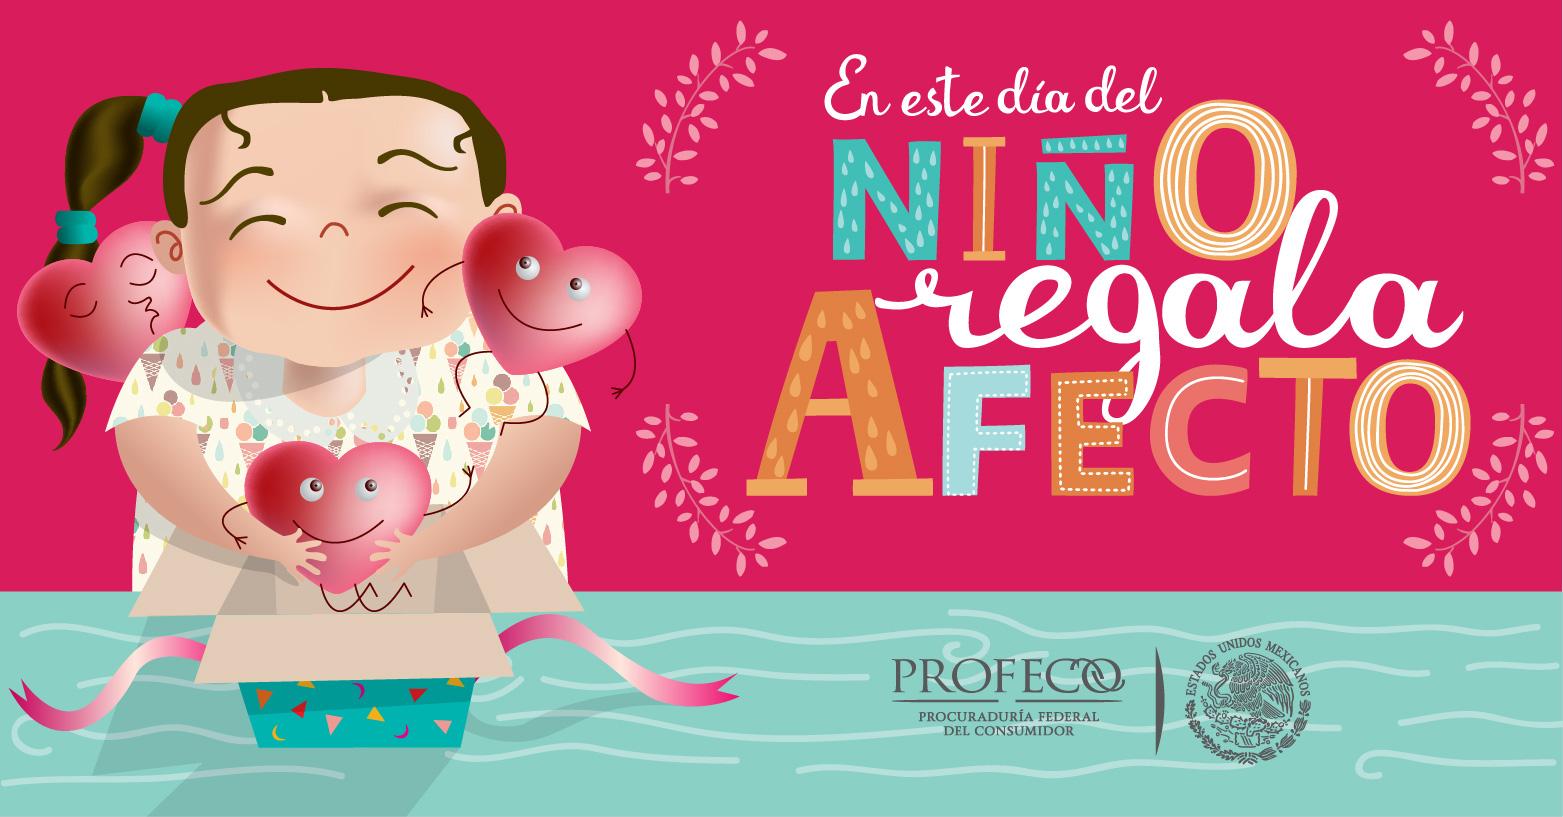 En México celebramos a las y los más pequeñines del hogar el 30 de abril, como lo estableció en 1924 el Presidente de la República, General Álvaro Obregón.